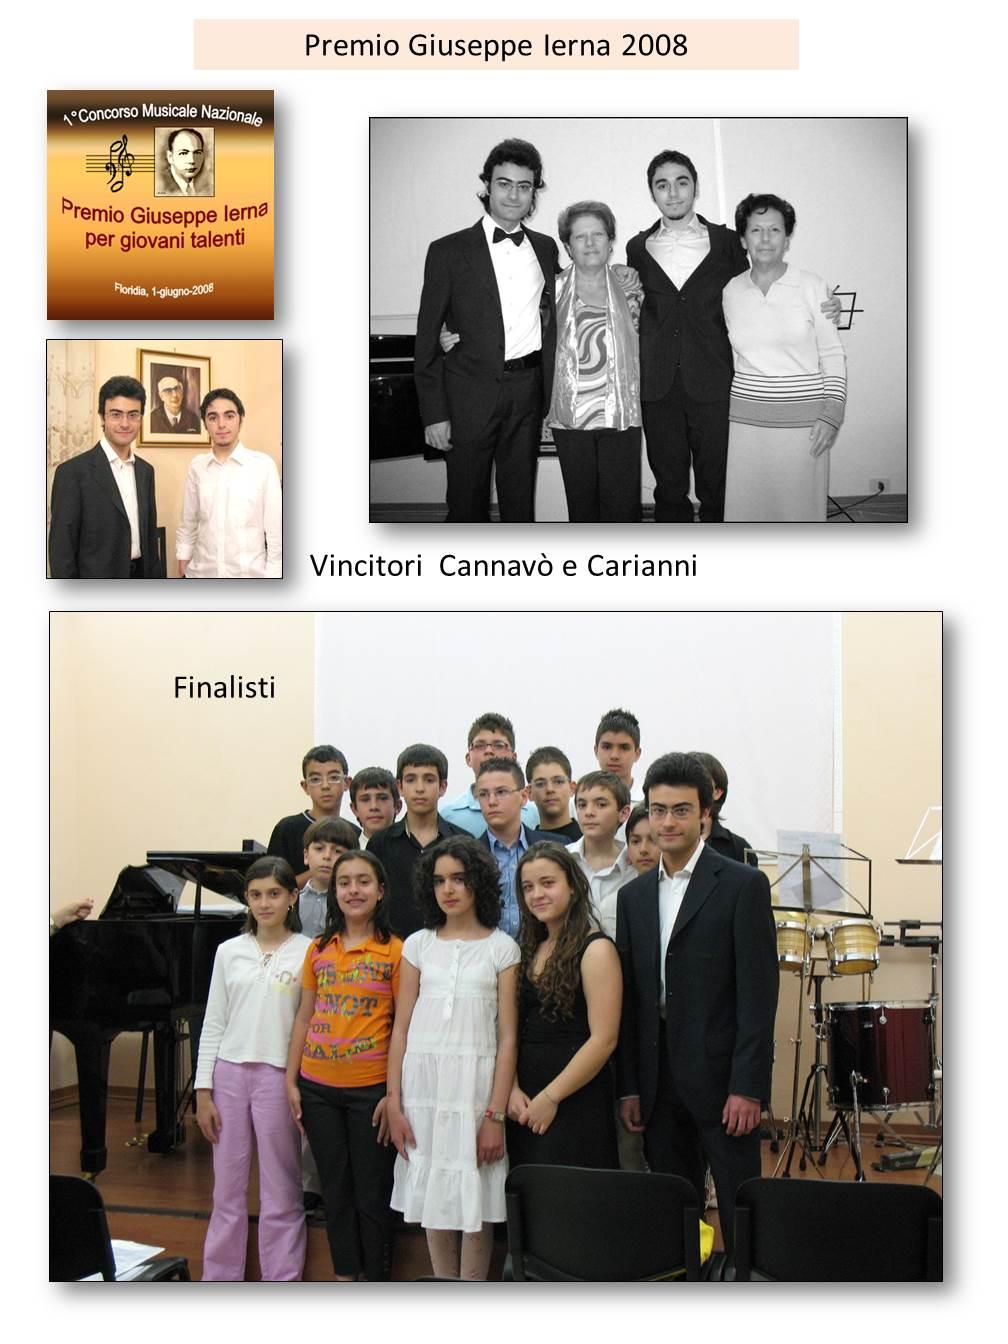 1� Premio Giuseppe Ierna